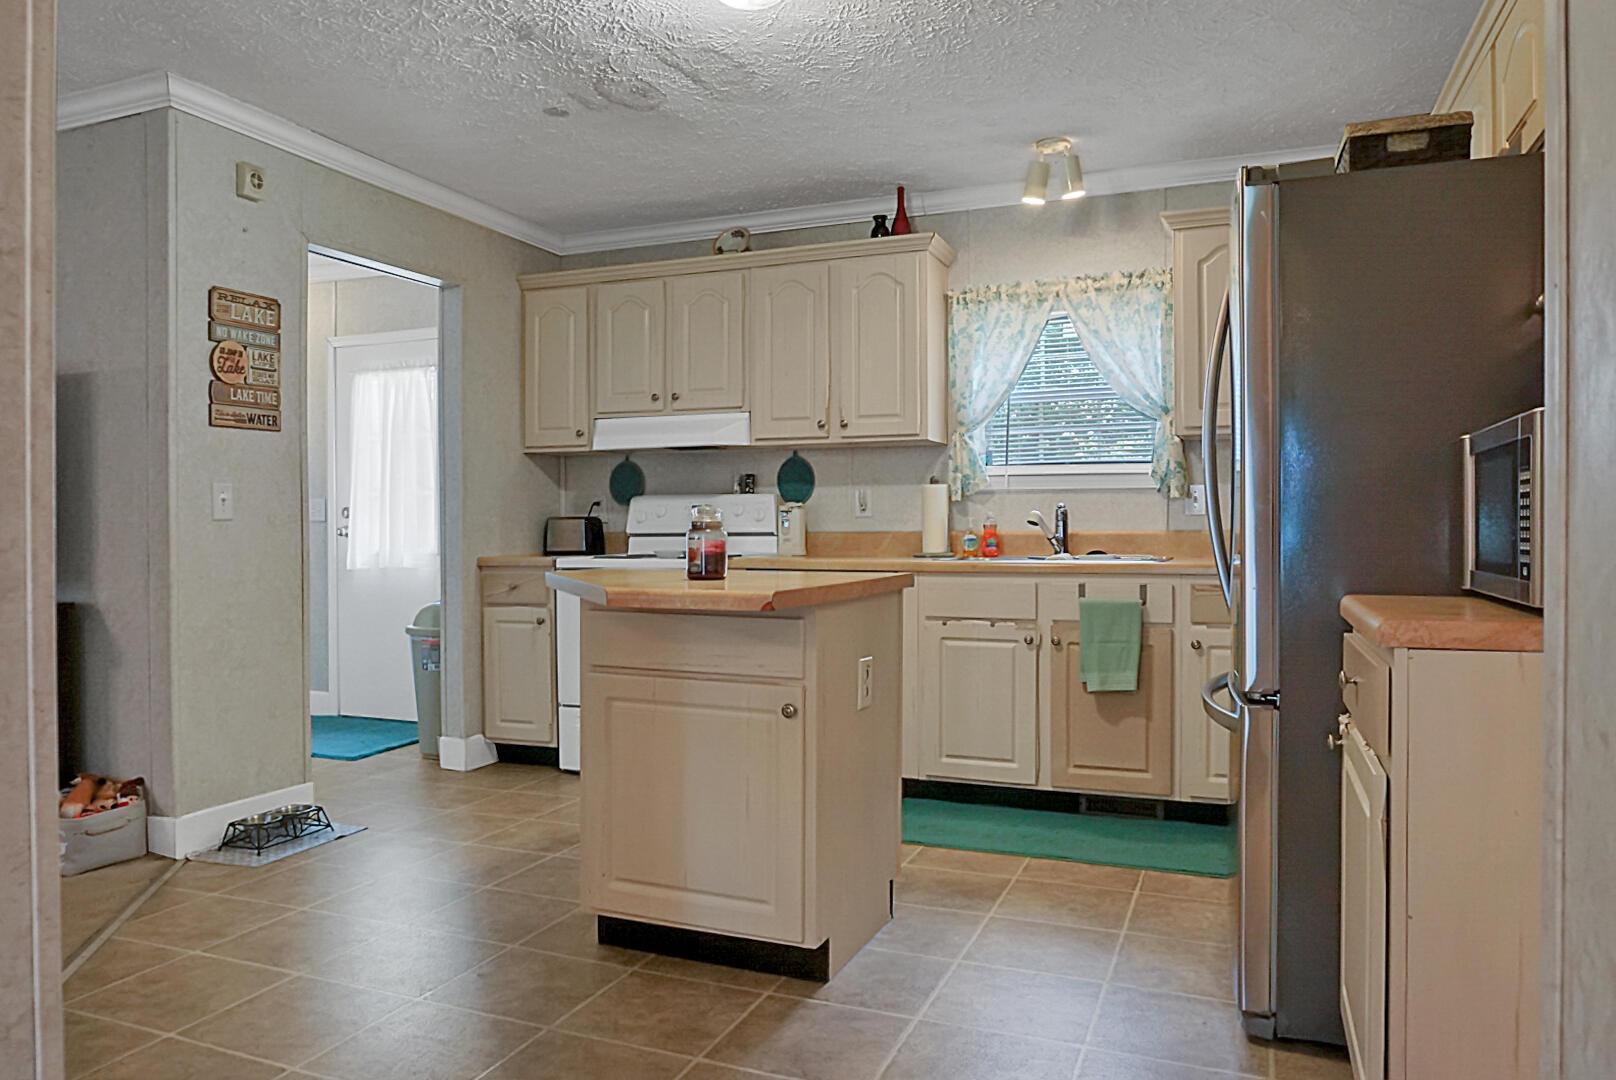 Bonneau Village Homes For Sale - 136 Dawsey, Bonneau, SC - 15